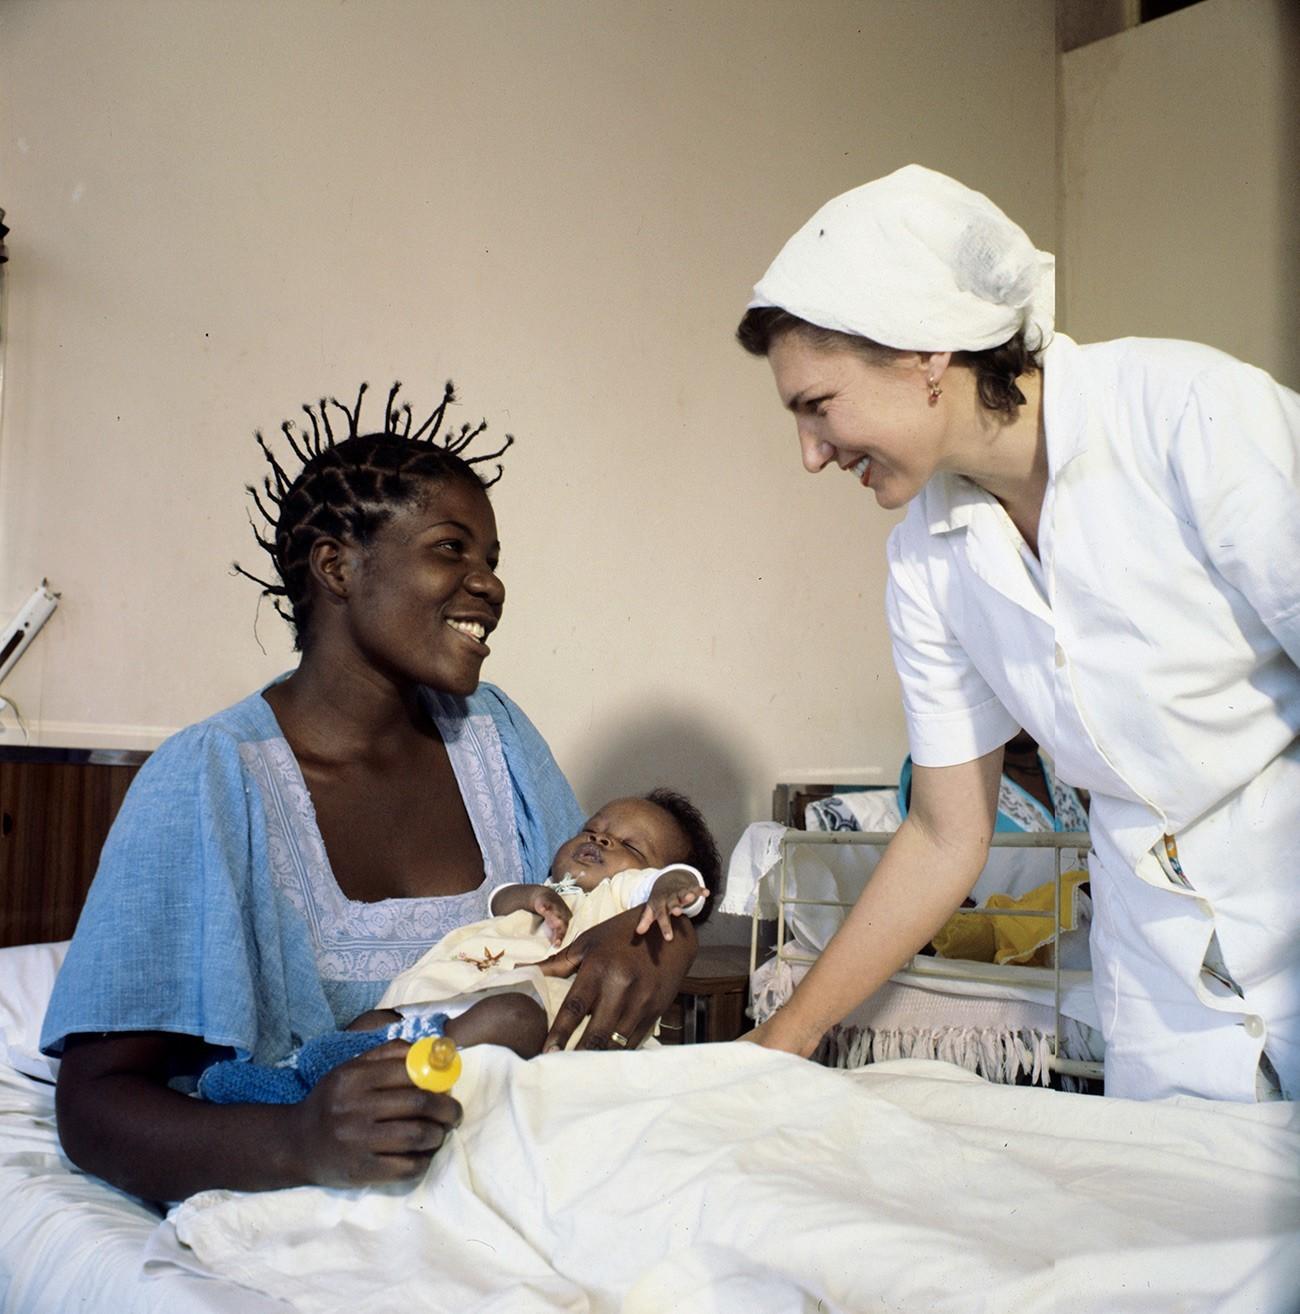 Med drugim je Sovjetska zveza pomagala Afriki z zdravniki. Tukaj vidimo sovjetsko medicinsko sestro v Lubangu v Angoli.